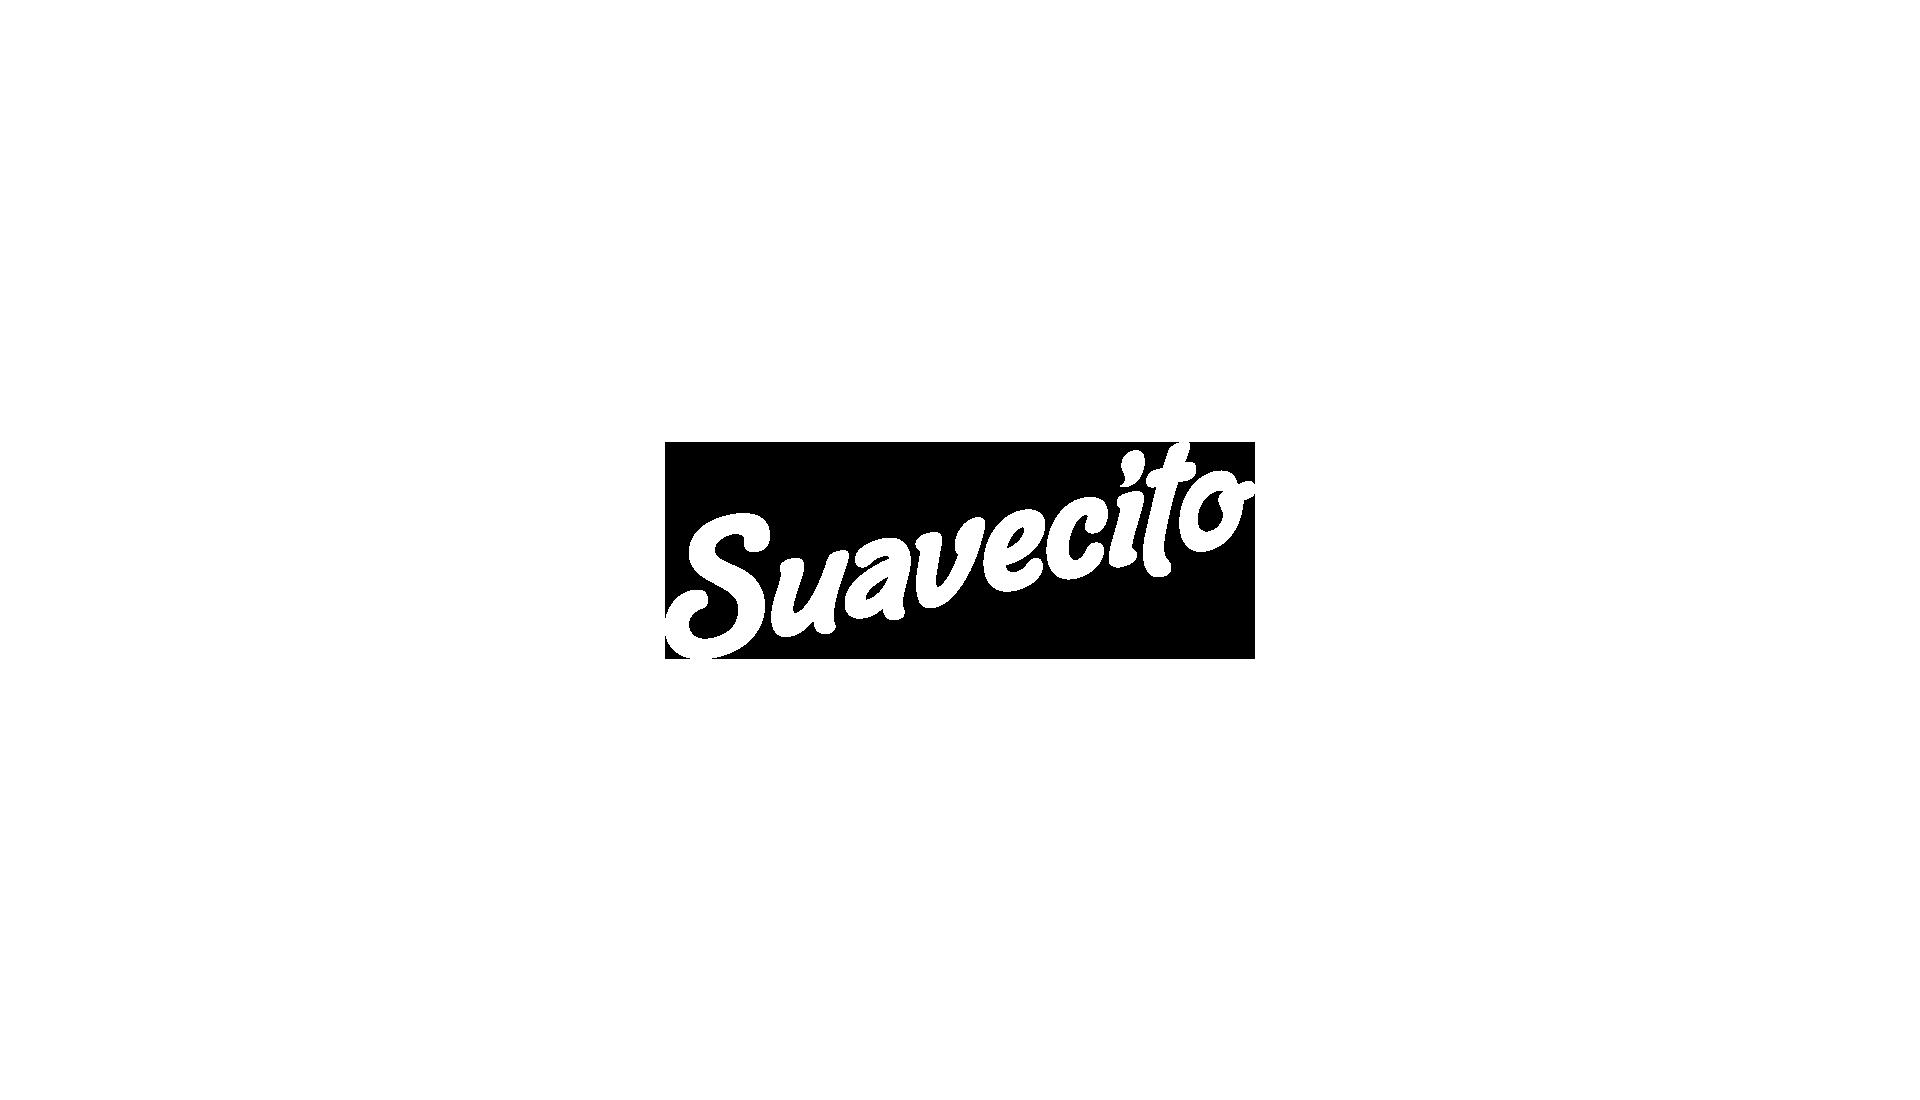 https://www.suavecitosoda.com/wp-content/uploads/2018/02/suavecito_logo.png